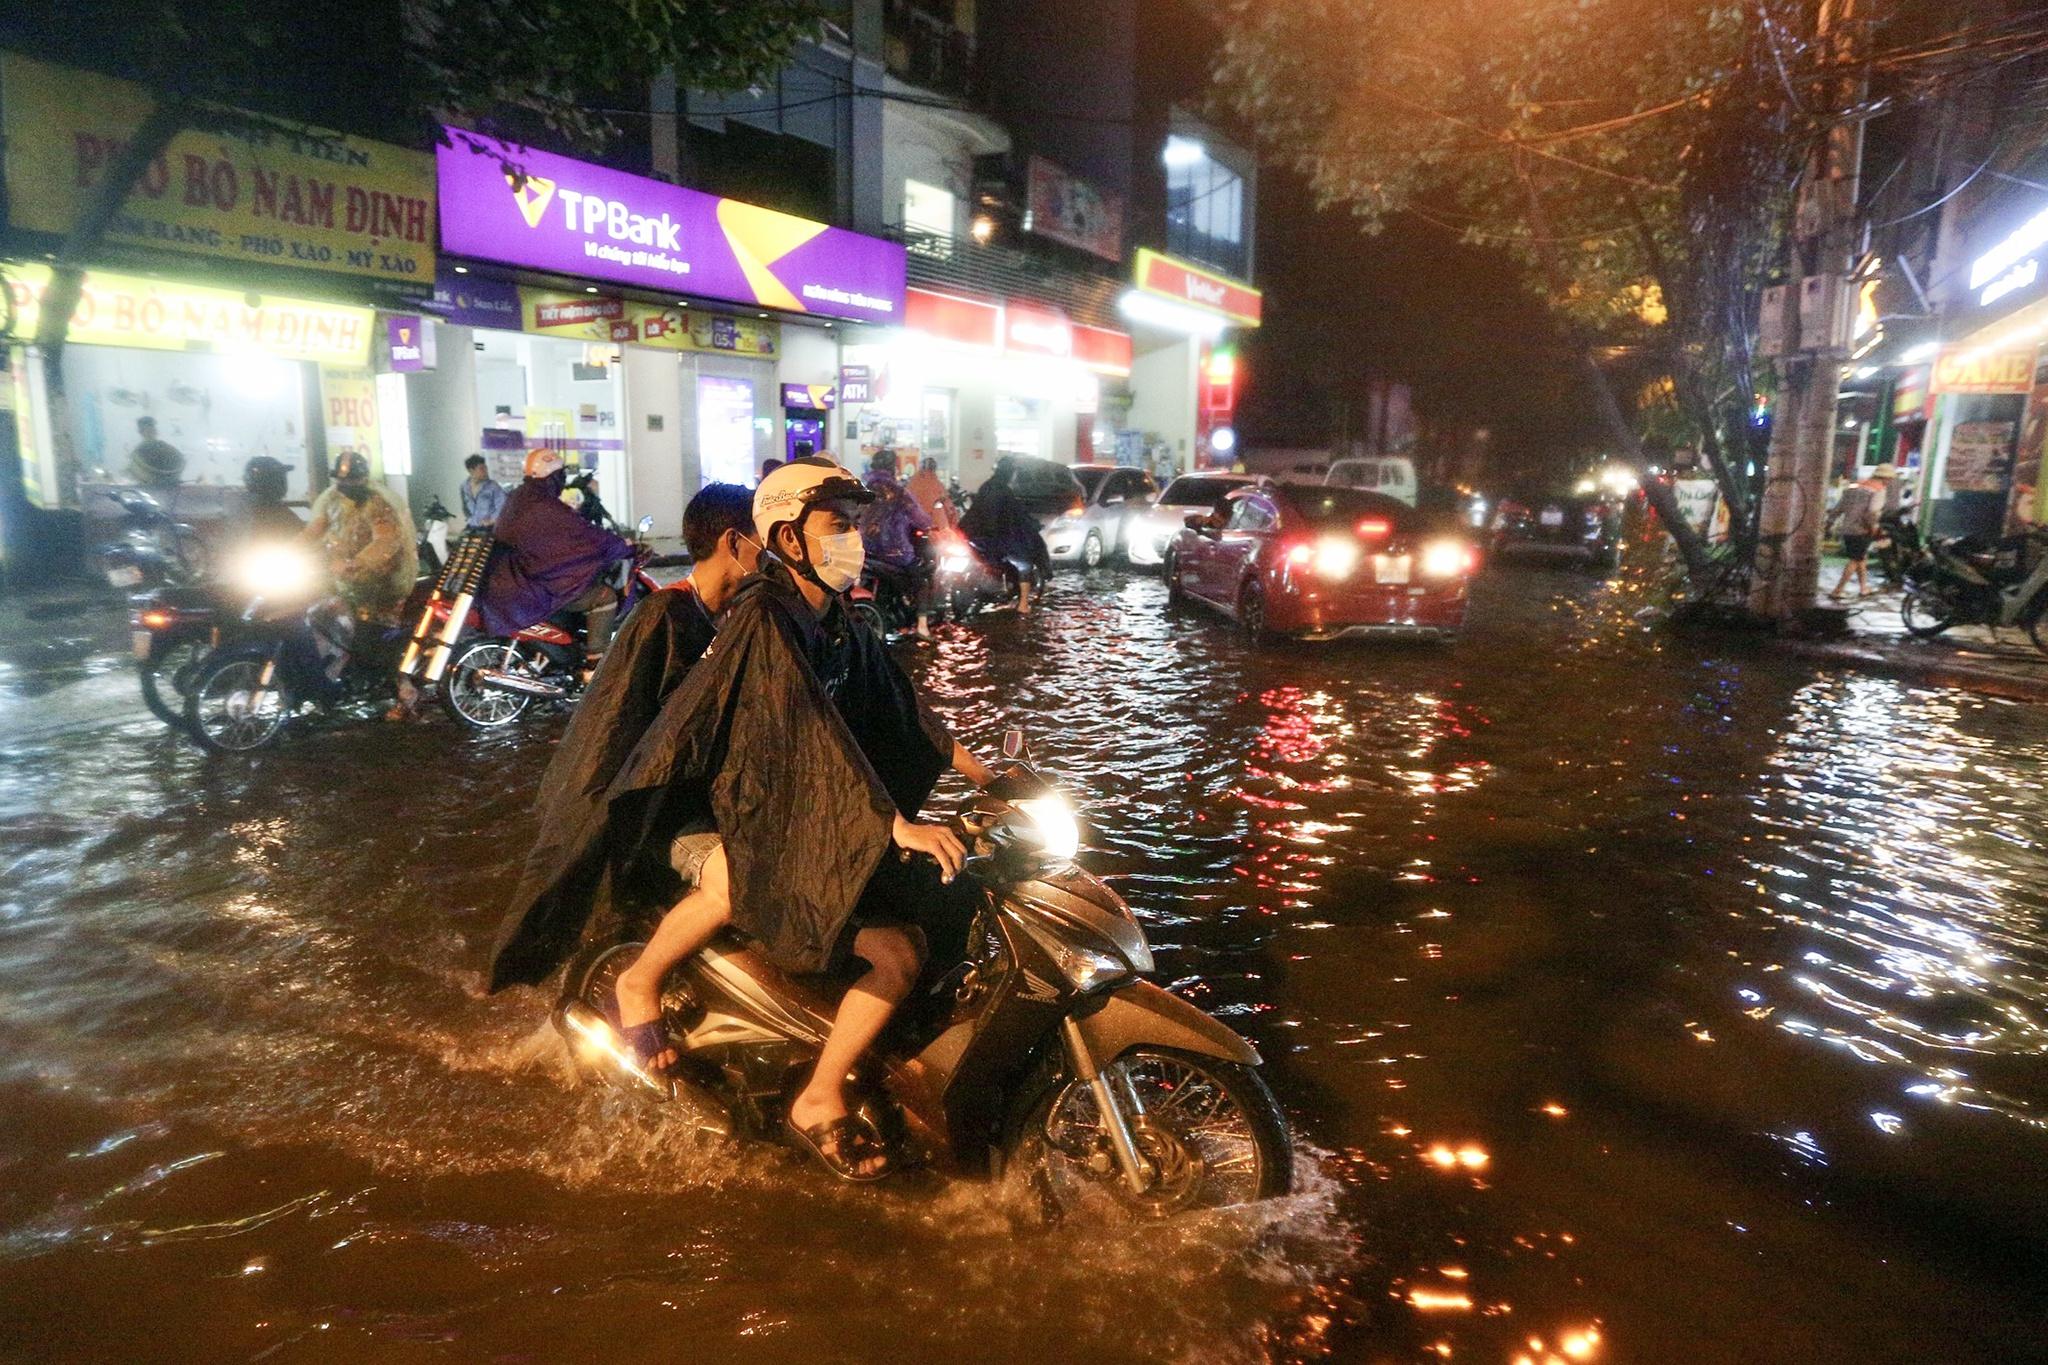 Bắt cá giữa đường sau mưa ngập ở Hà Nội - Ảnh 5.